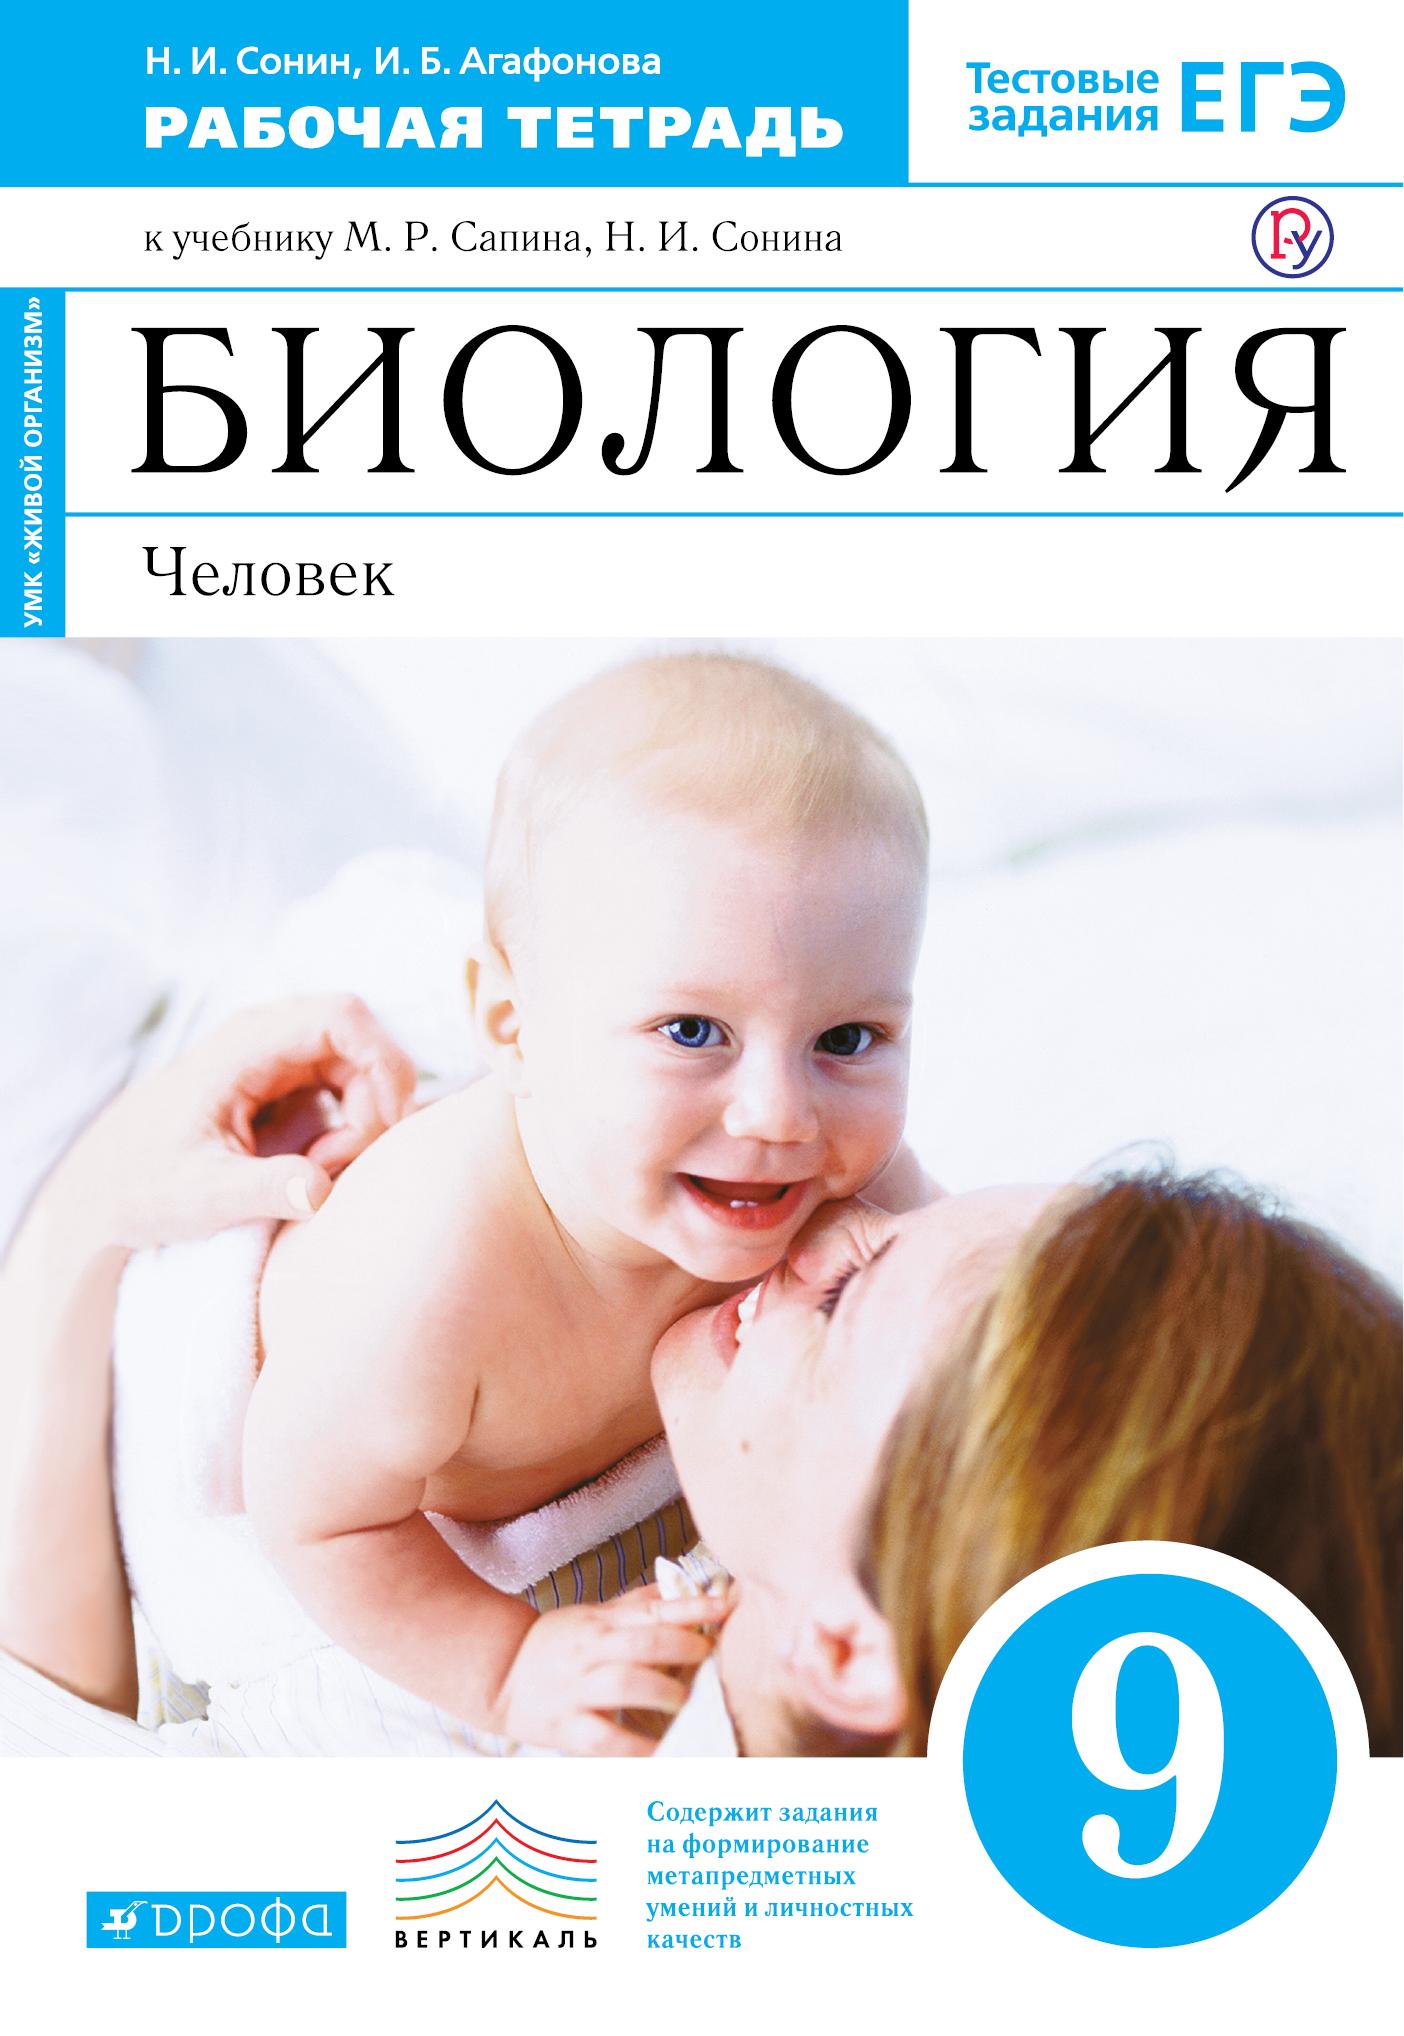 Сонин Н.И., Агафонова И.Б. Биология. Человек. 9 класс. Рабочая тетрадь.